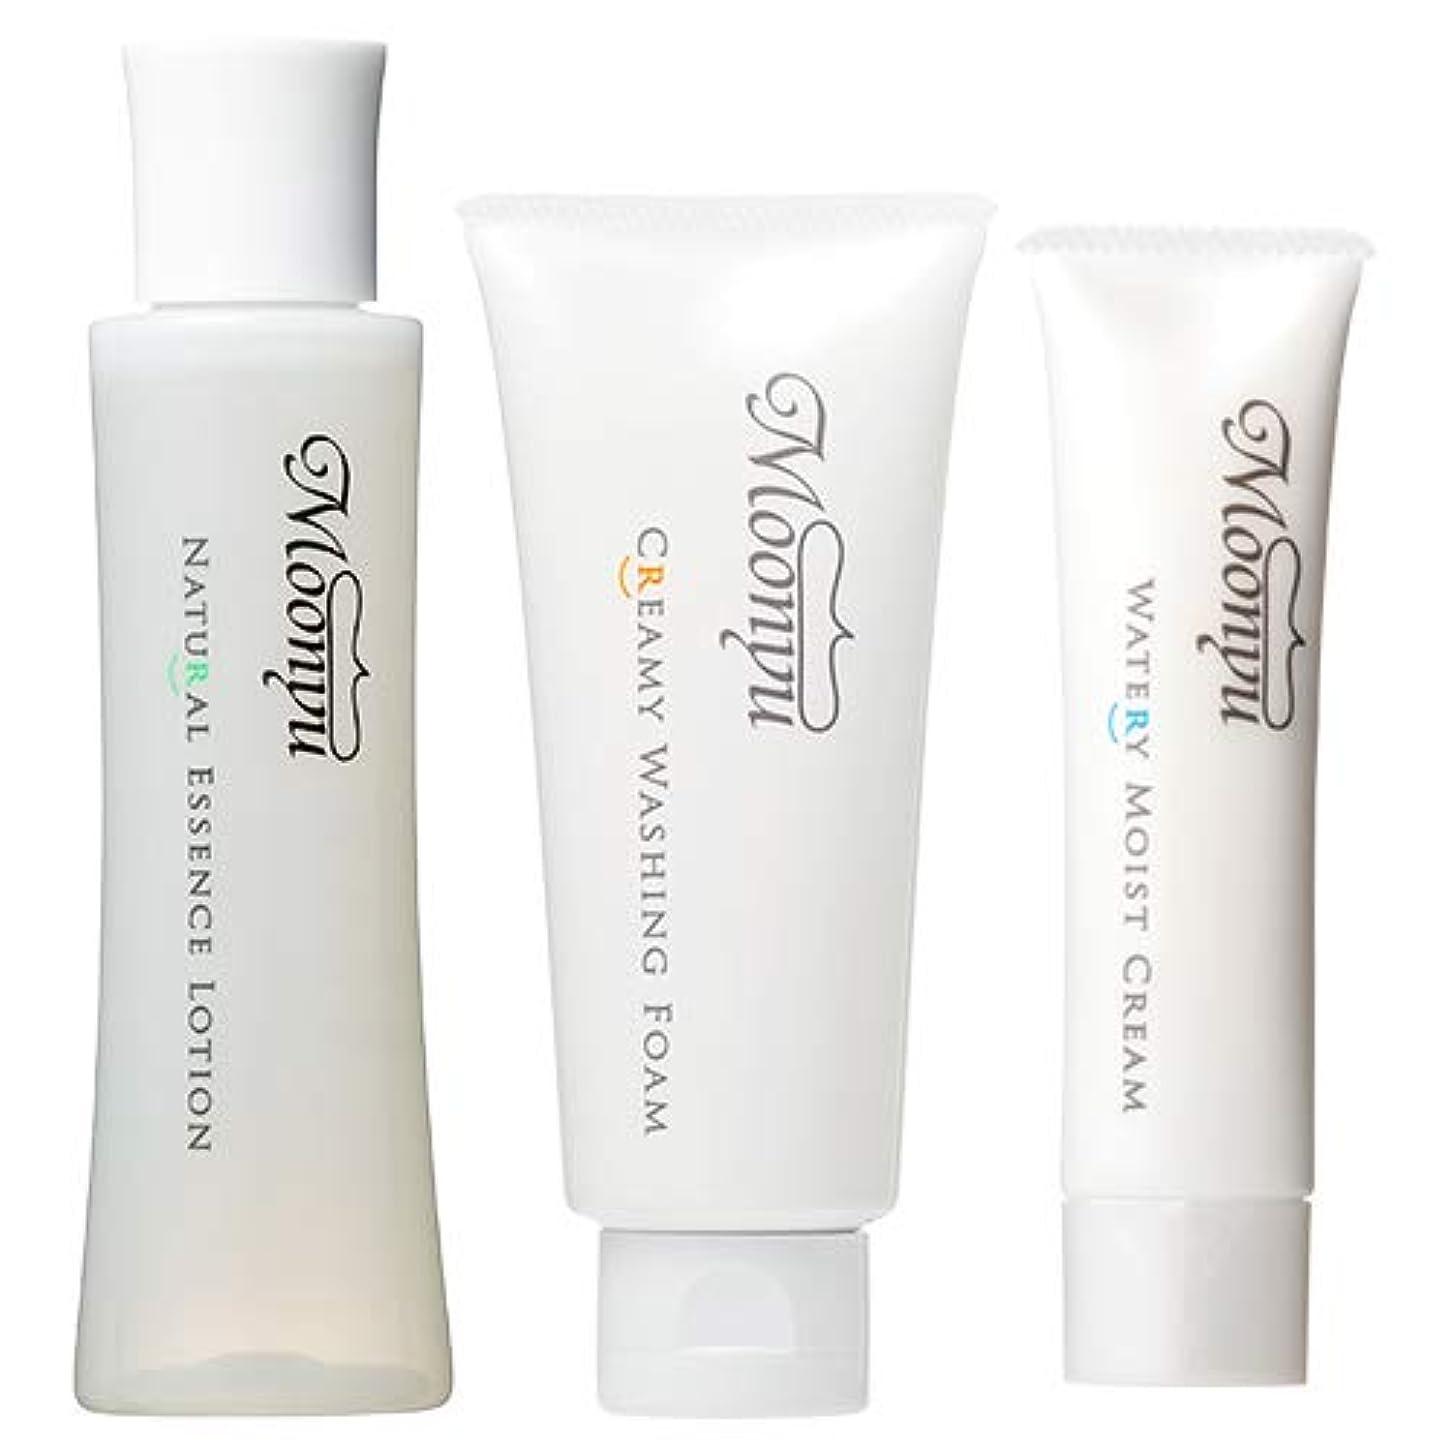 補う良性休憩こんにゃくセラミド配合 無添加 低刺激 しっとりスキンケア3点セット(クリーム 洗顔料 化粧水)